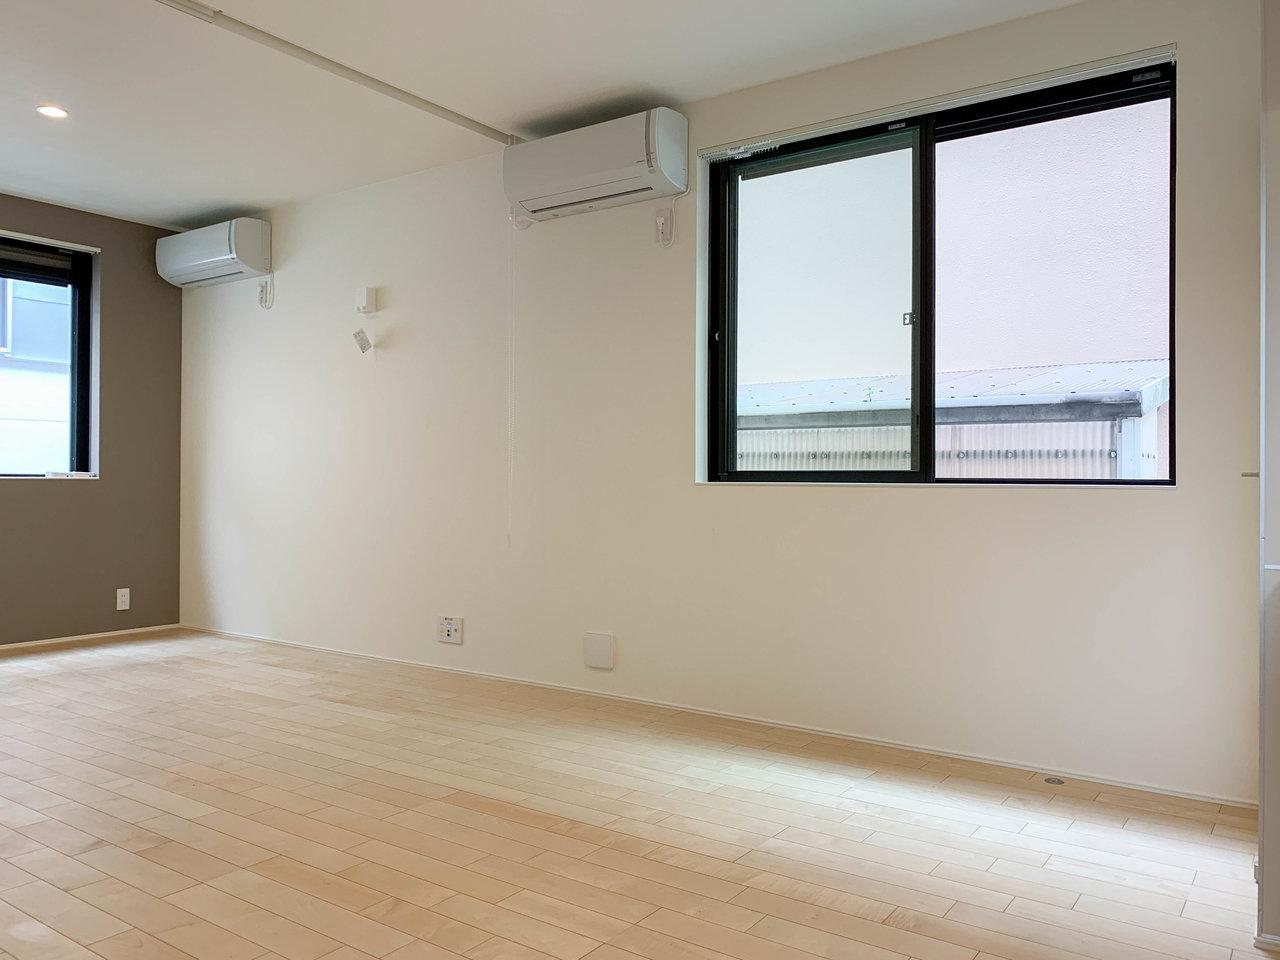 奥の部屋と手前はロールスクリーンで仕切られるようになっています。エアコンが2機あるのもうれしい。もちろん仕切りをなくして、広々ワンルームとして使ってもOK!